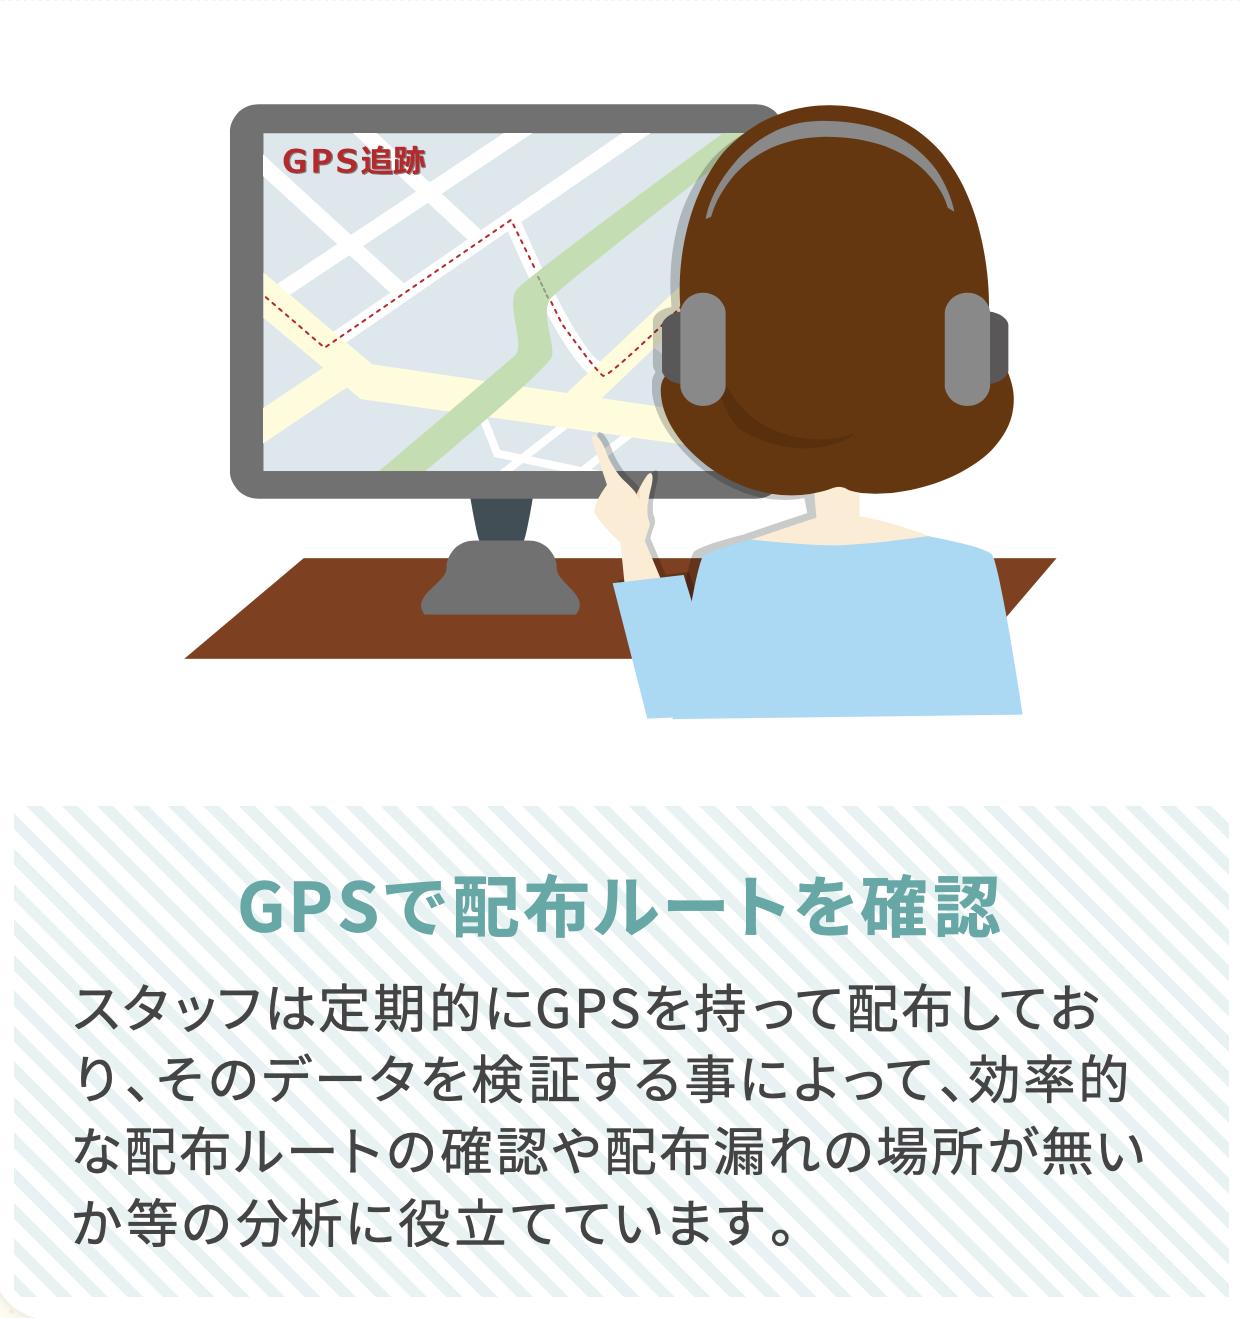 GPSで配布ルートを確認